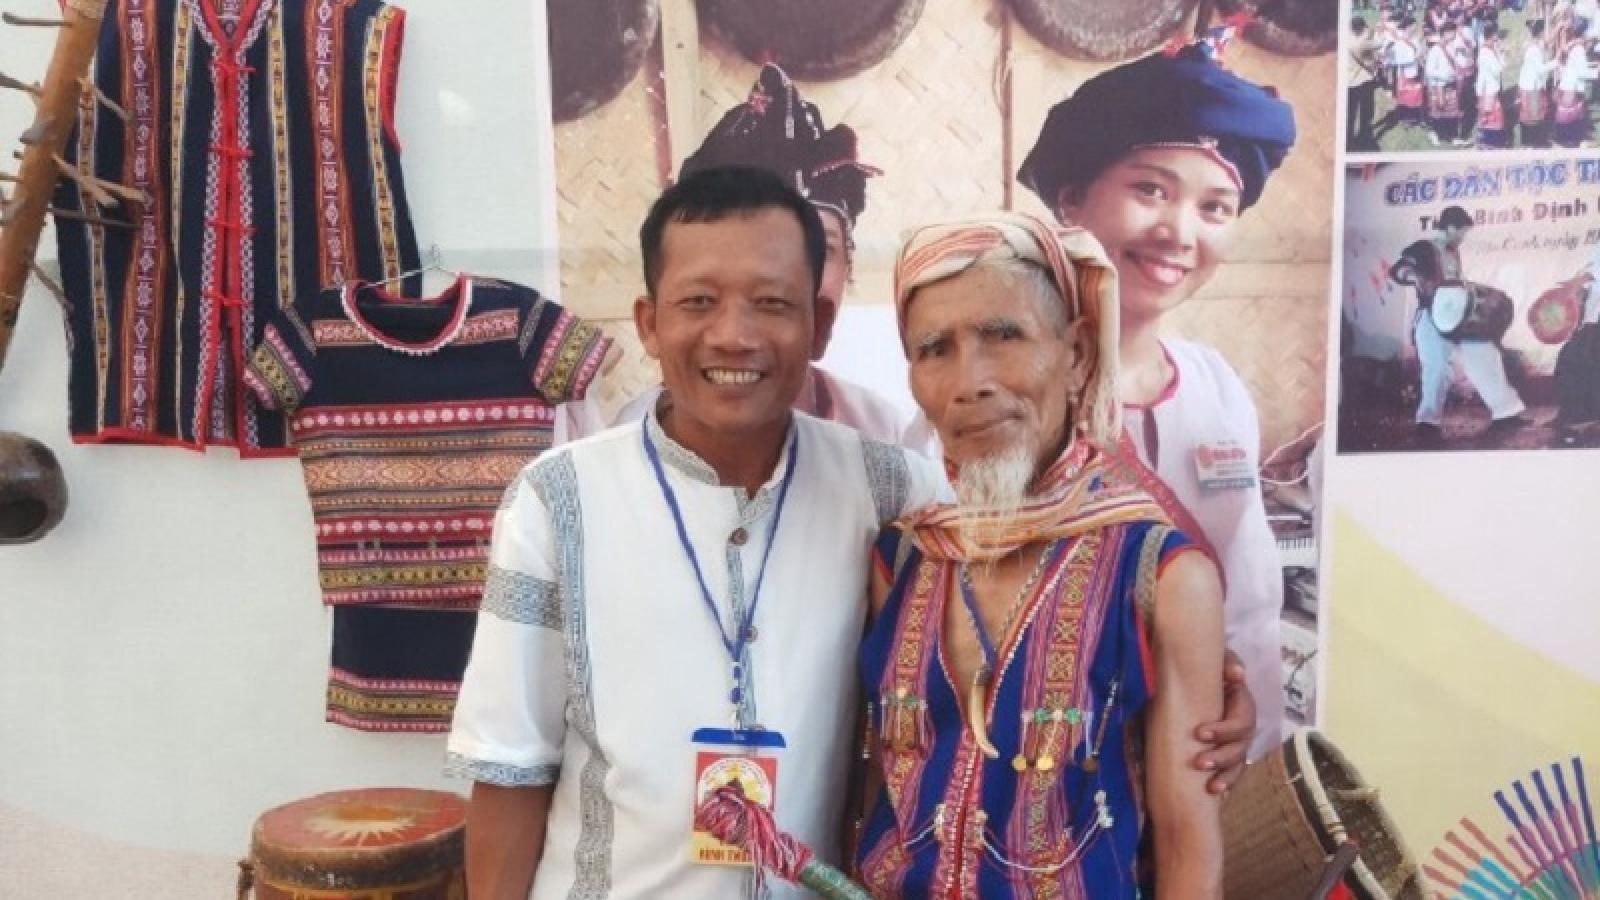 Ngày xuân, kể chuyện về những người giữ hồn văn hóa Chăm